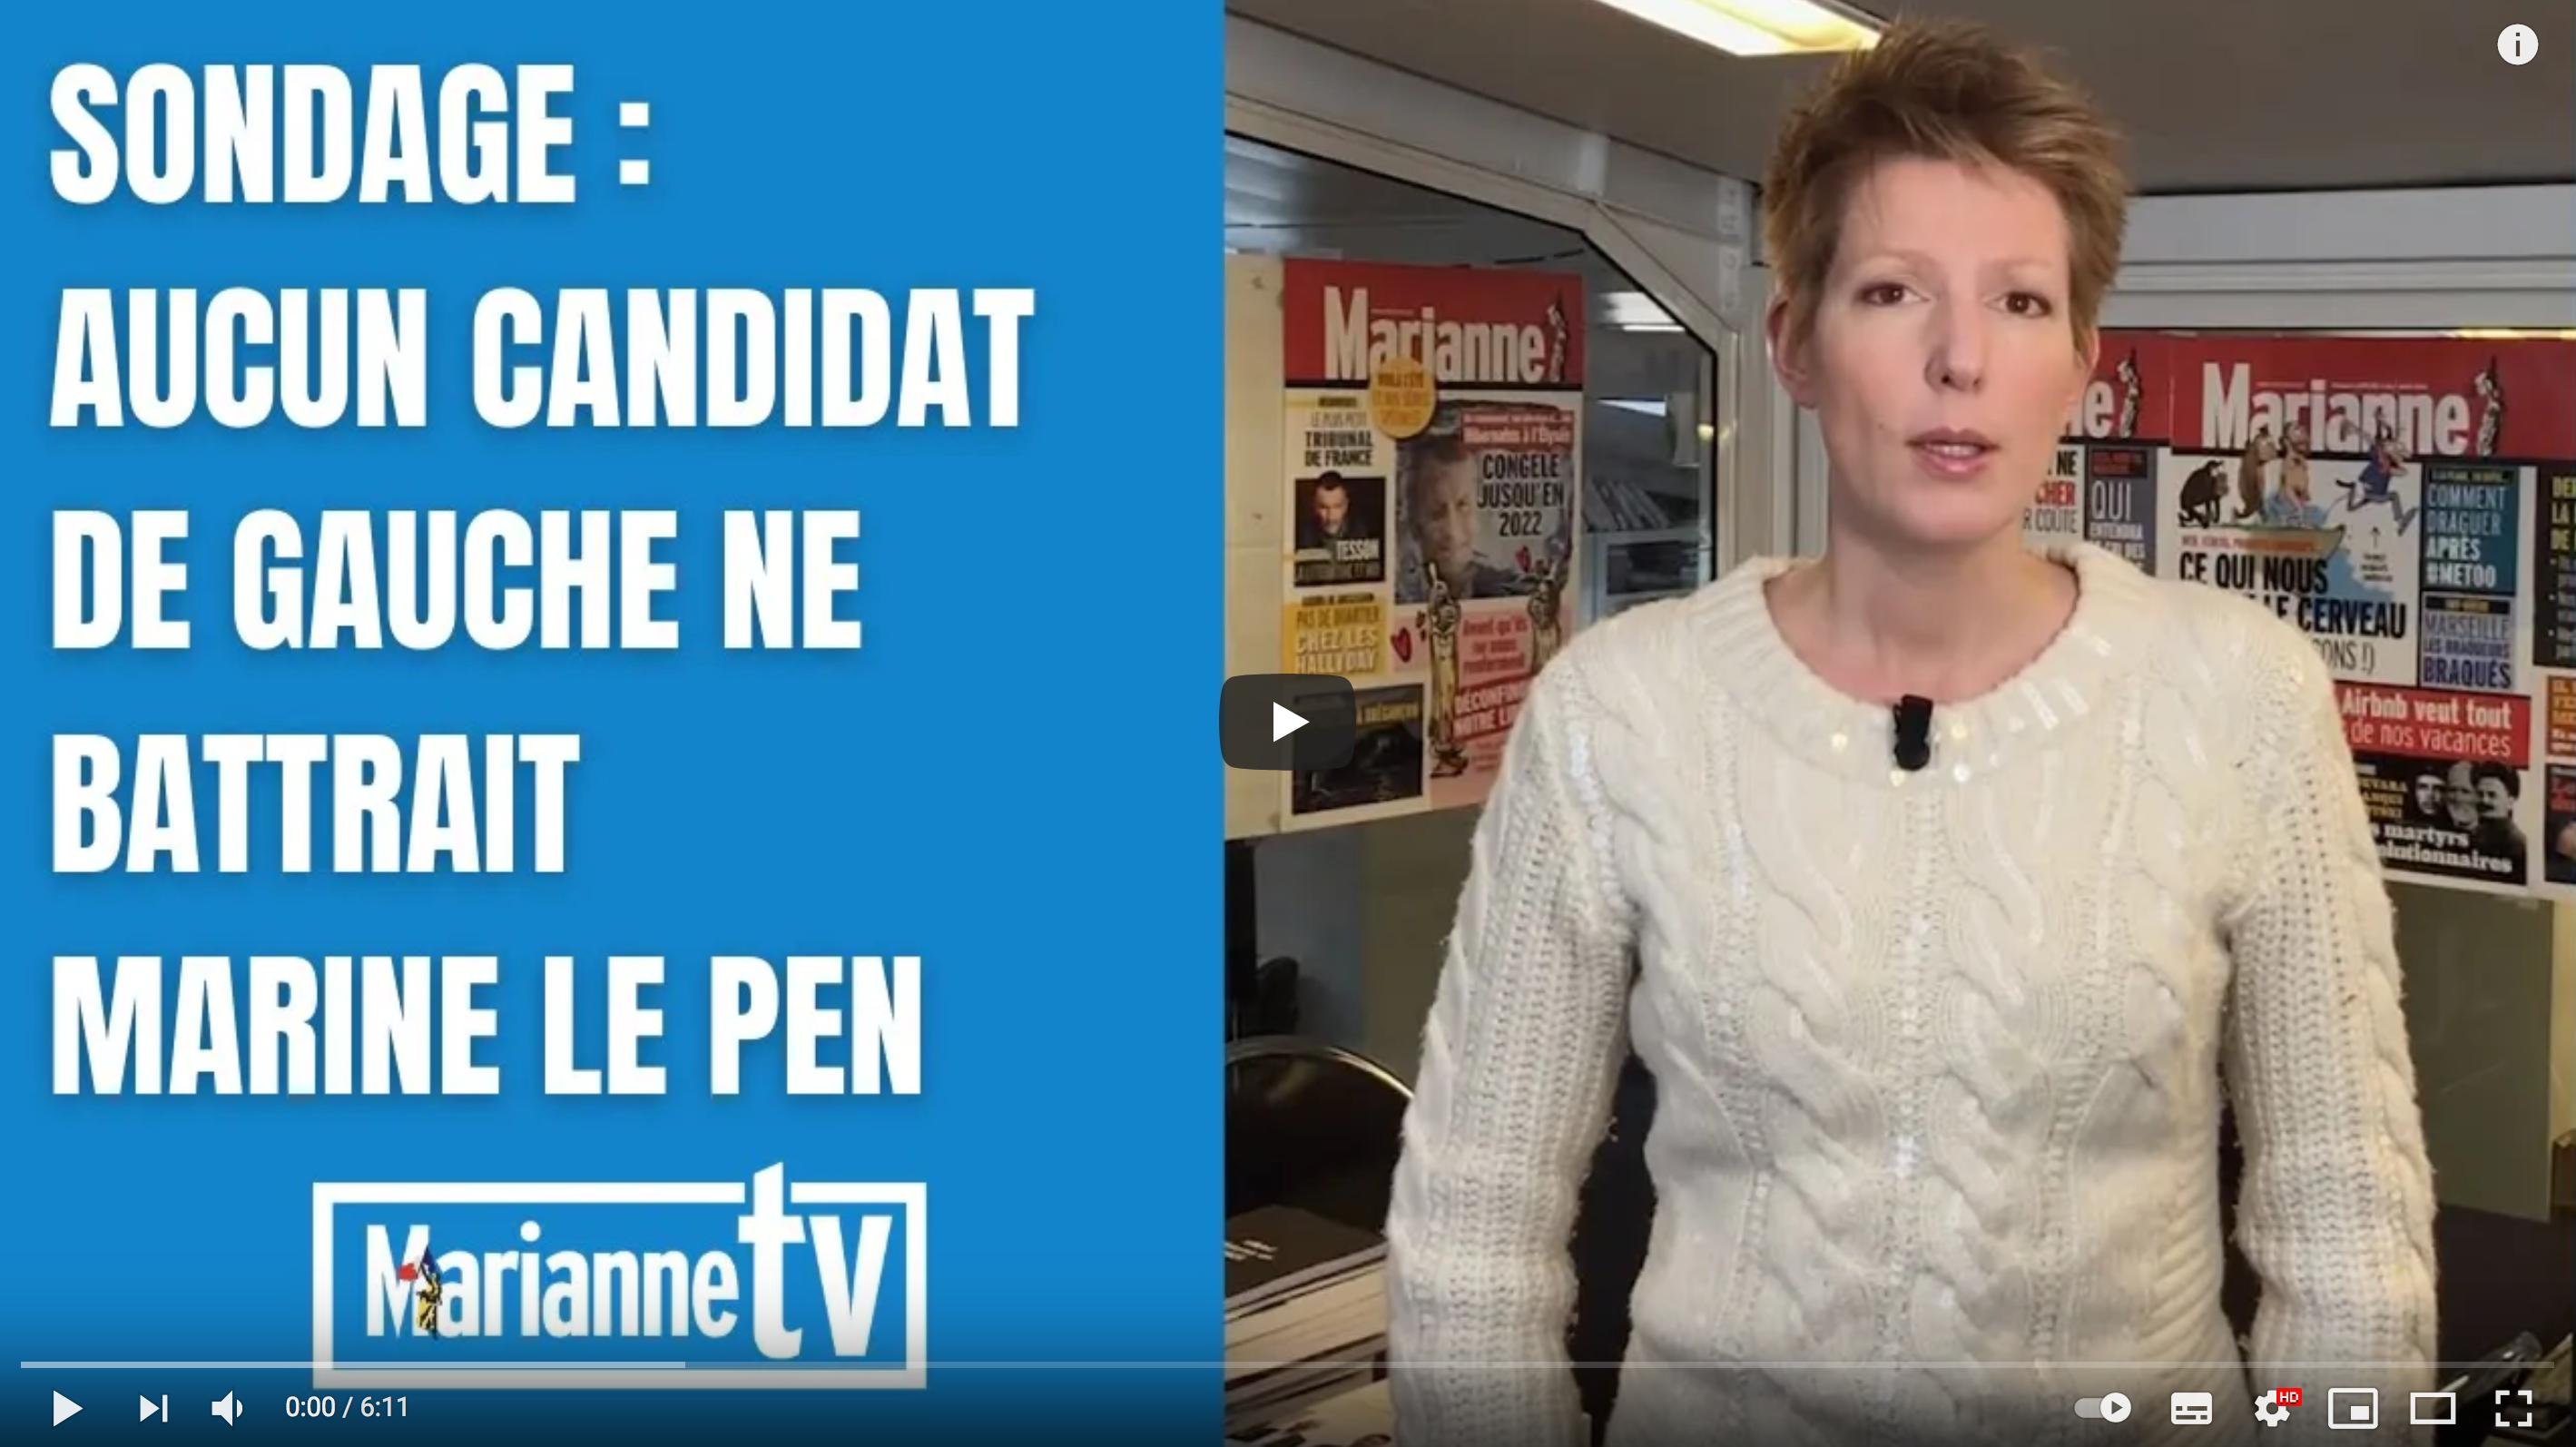 Sondage : aucun candidat de gauche ne battrait Marine Le Pen (Natacha Polony)